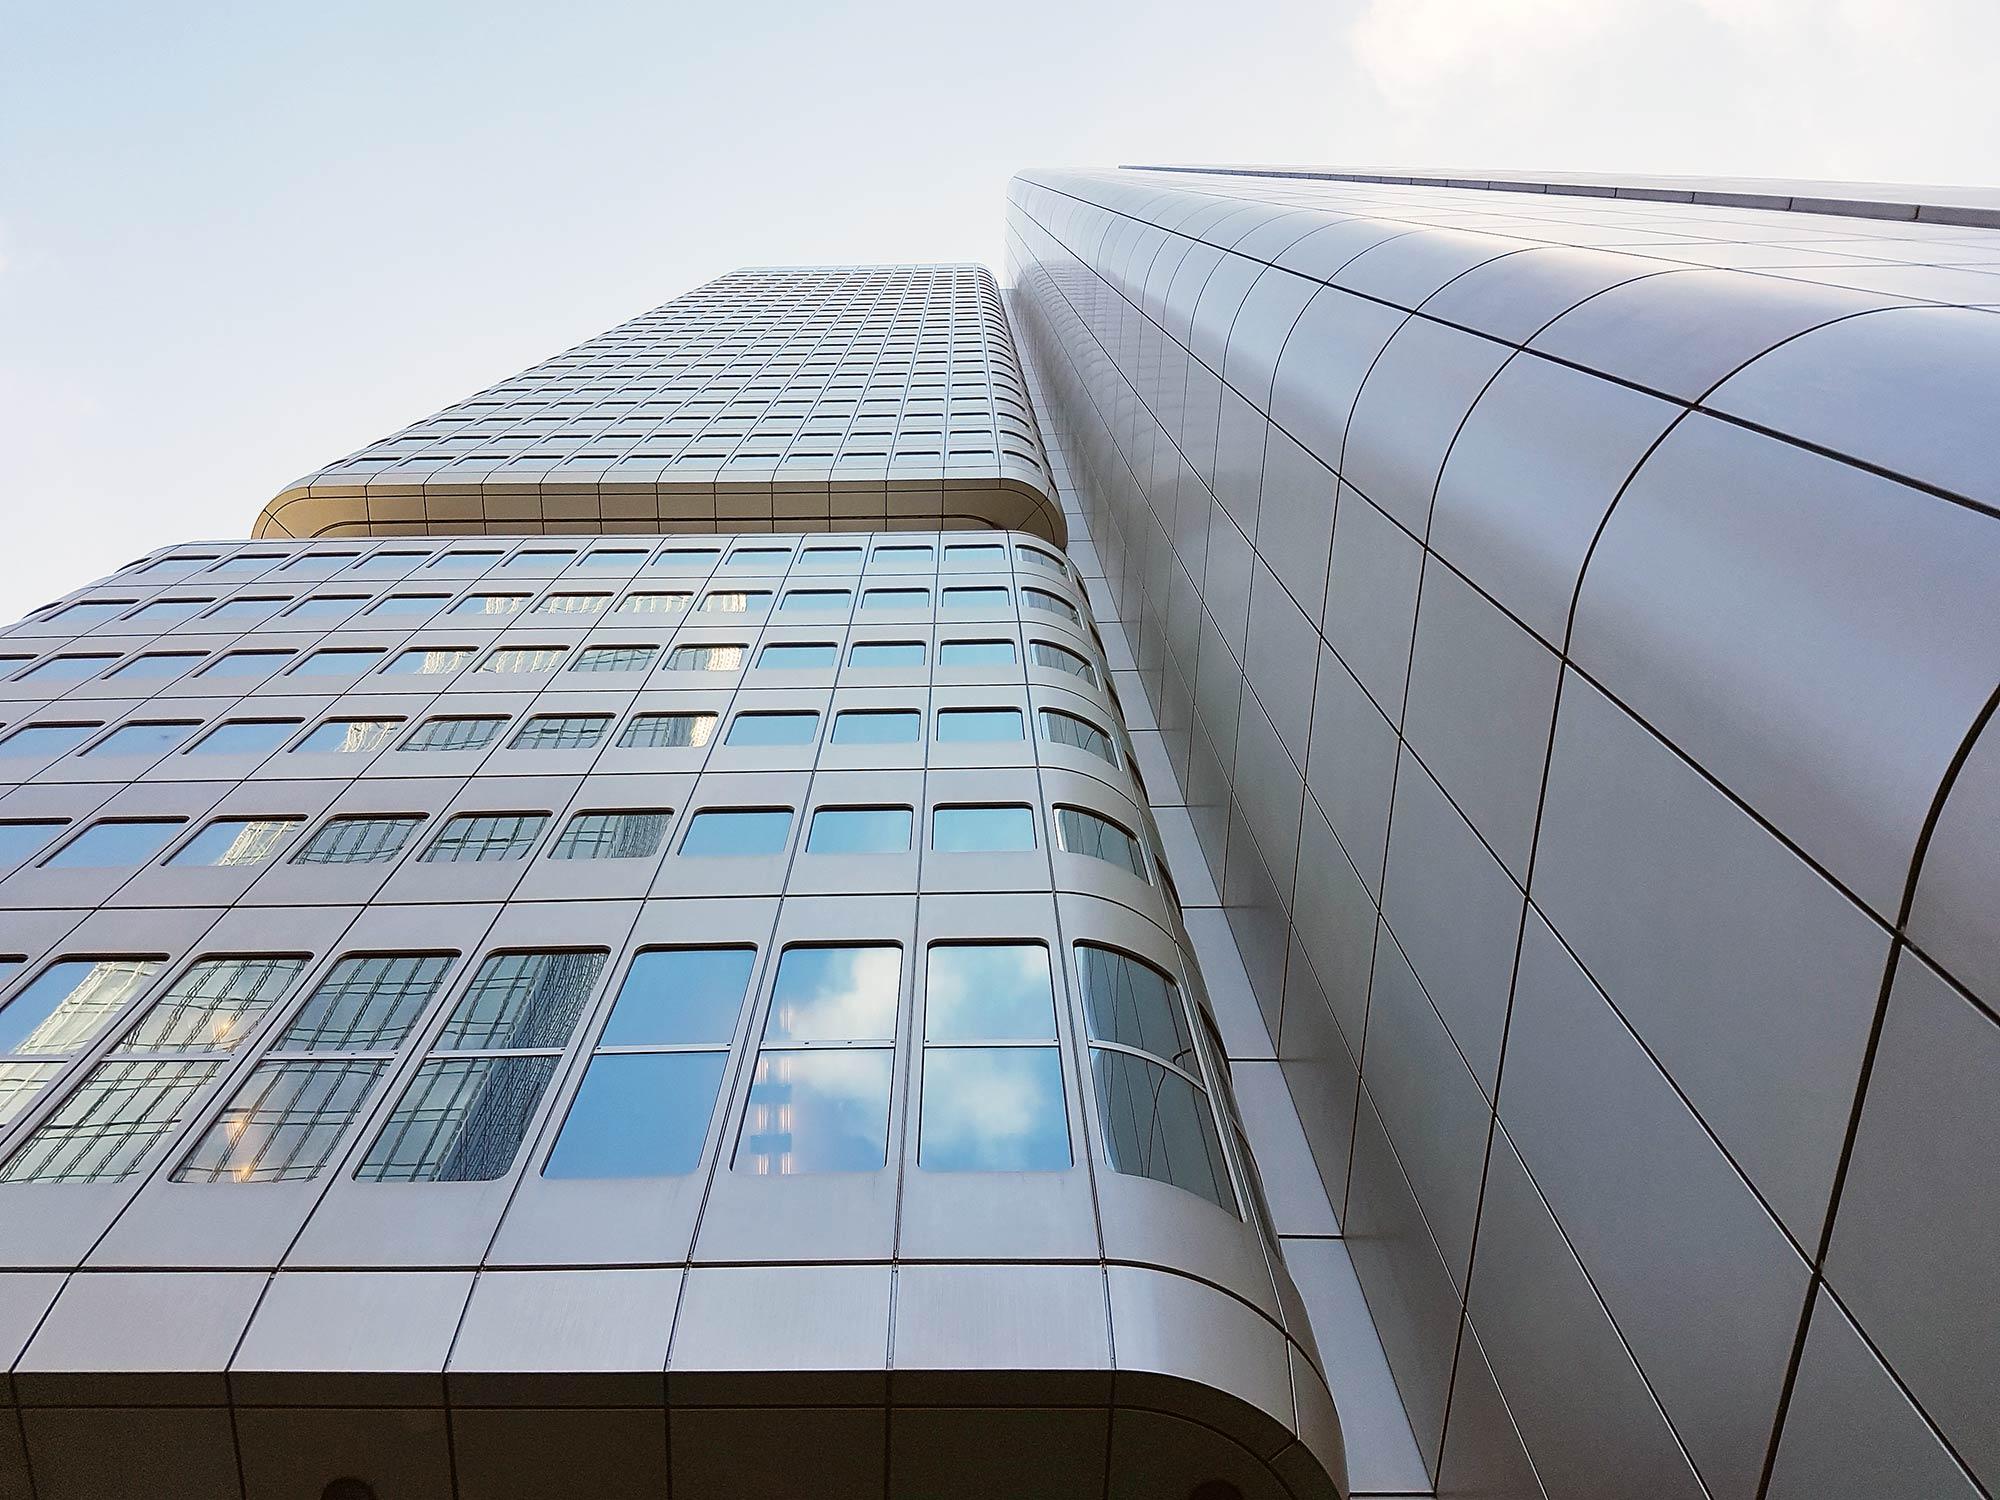 Silberturm Frankfurt - Fassade vom Deutsche Bahn Hochhaus im Bahnhofsviertel